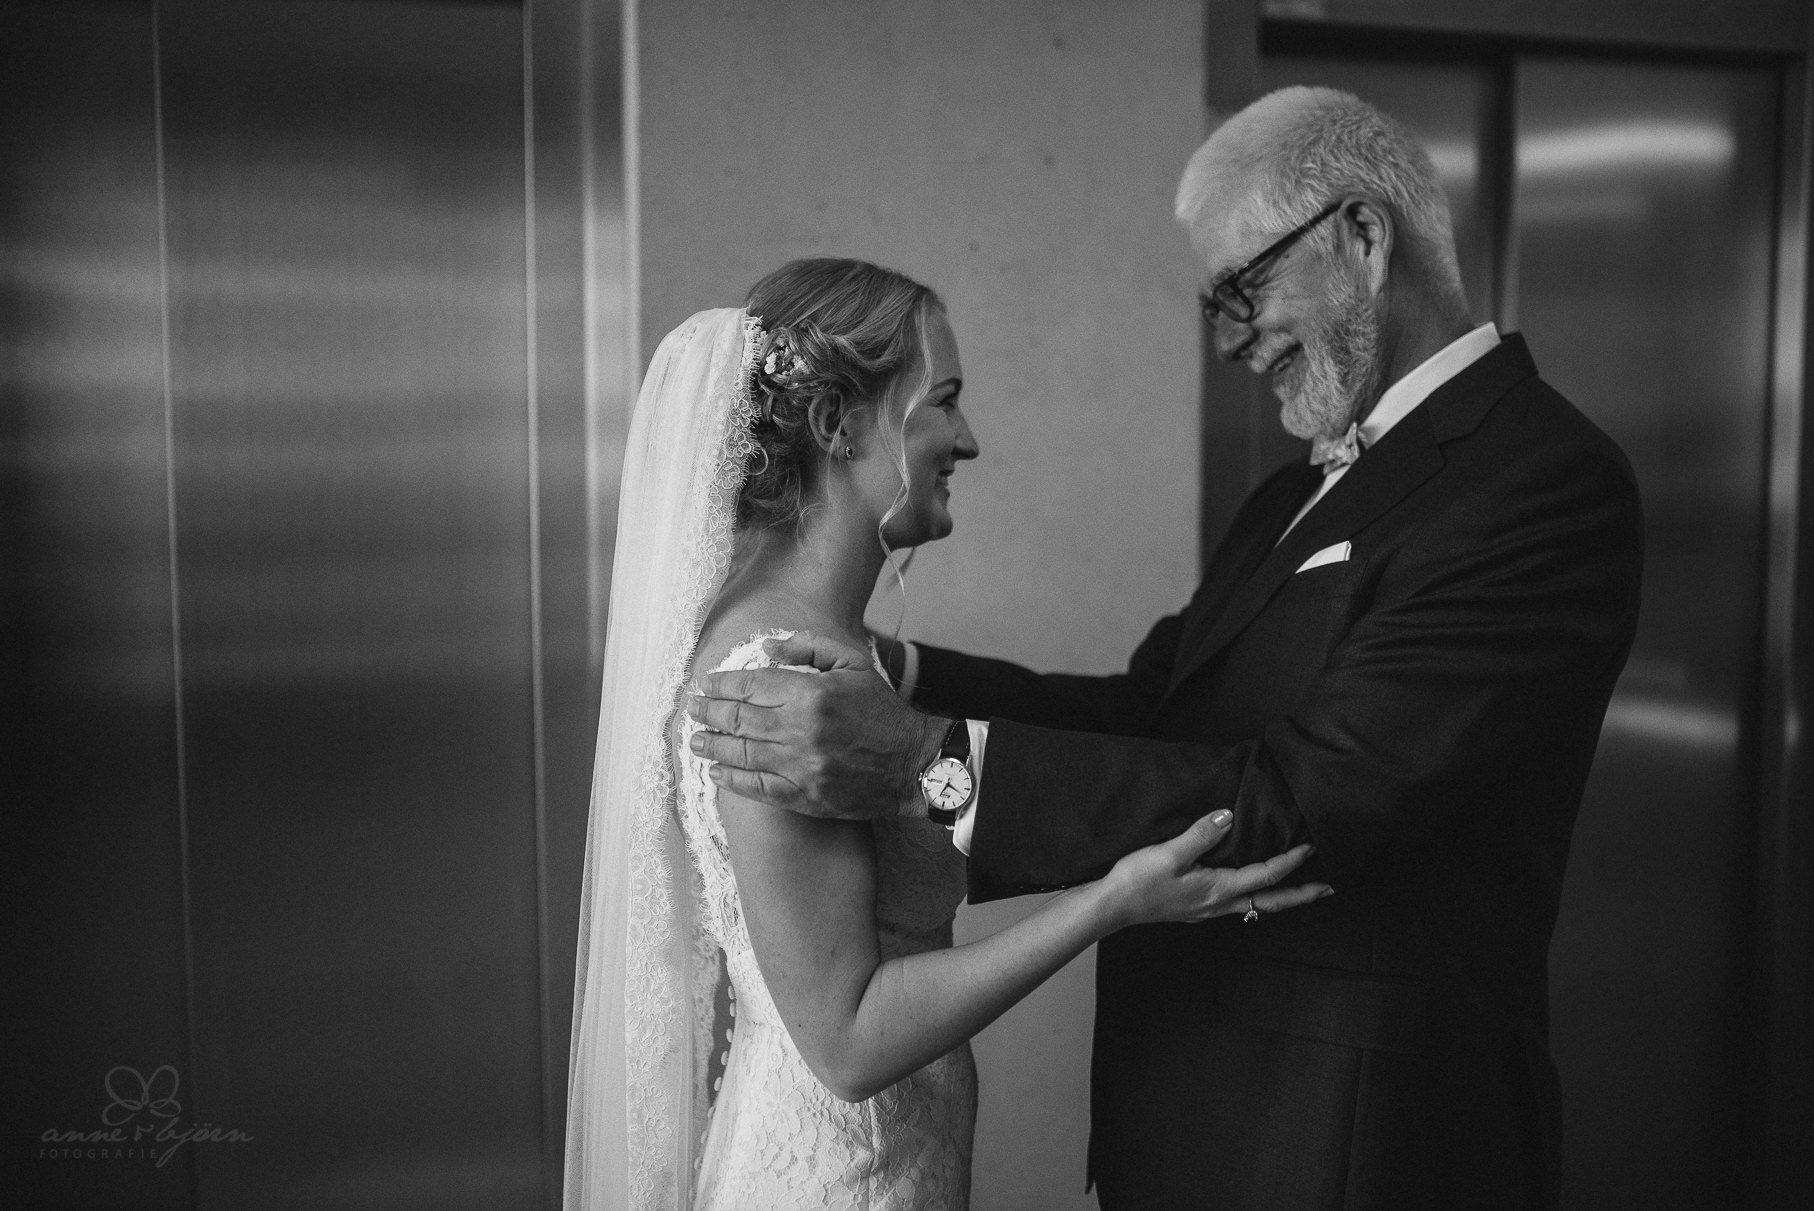 0025 anne und bjoern hochzeit schweiz d75 9721 - DIY Hochzeit in der Schweiz - Sabrina & Christoph